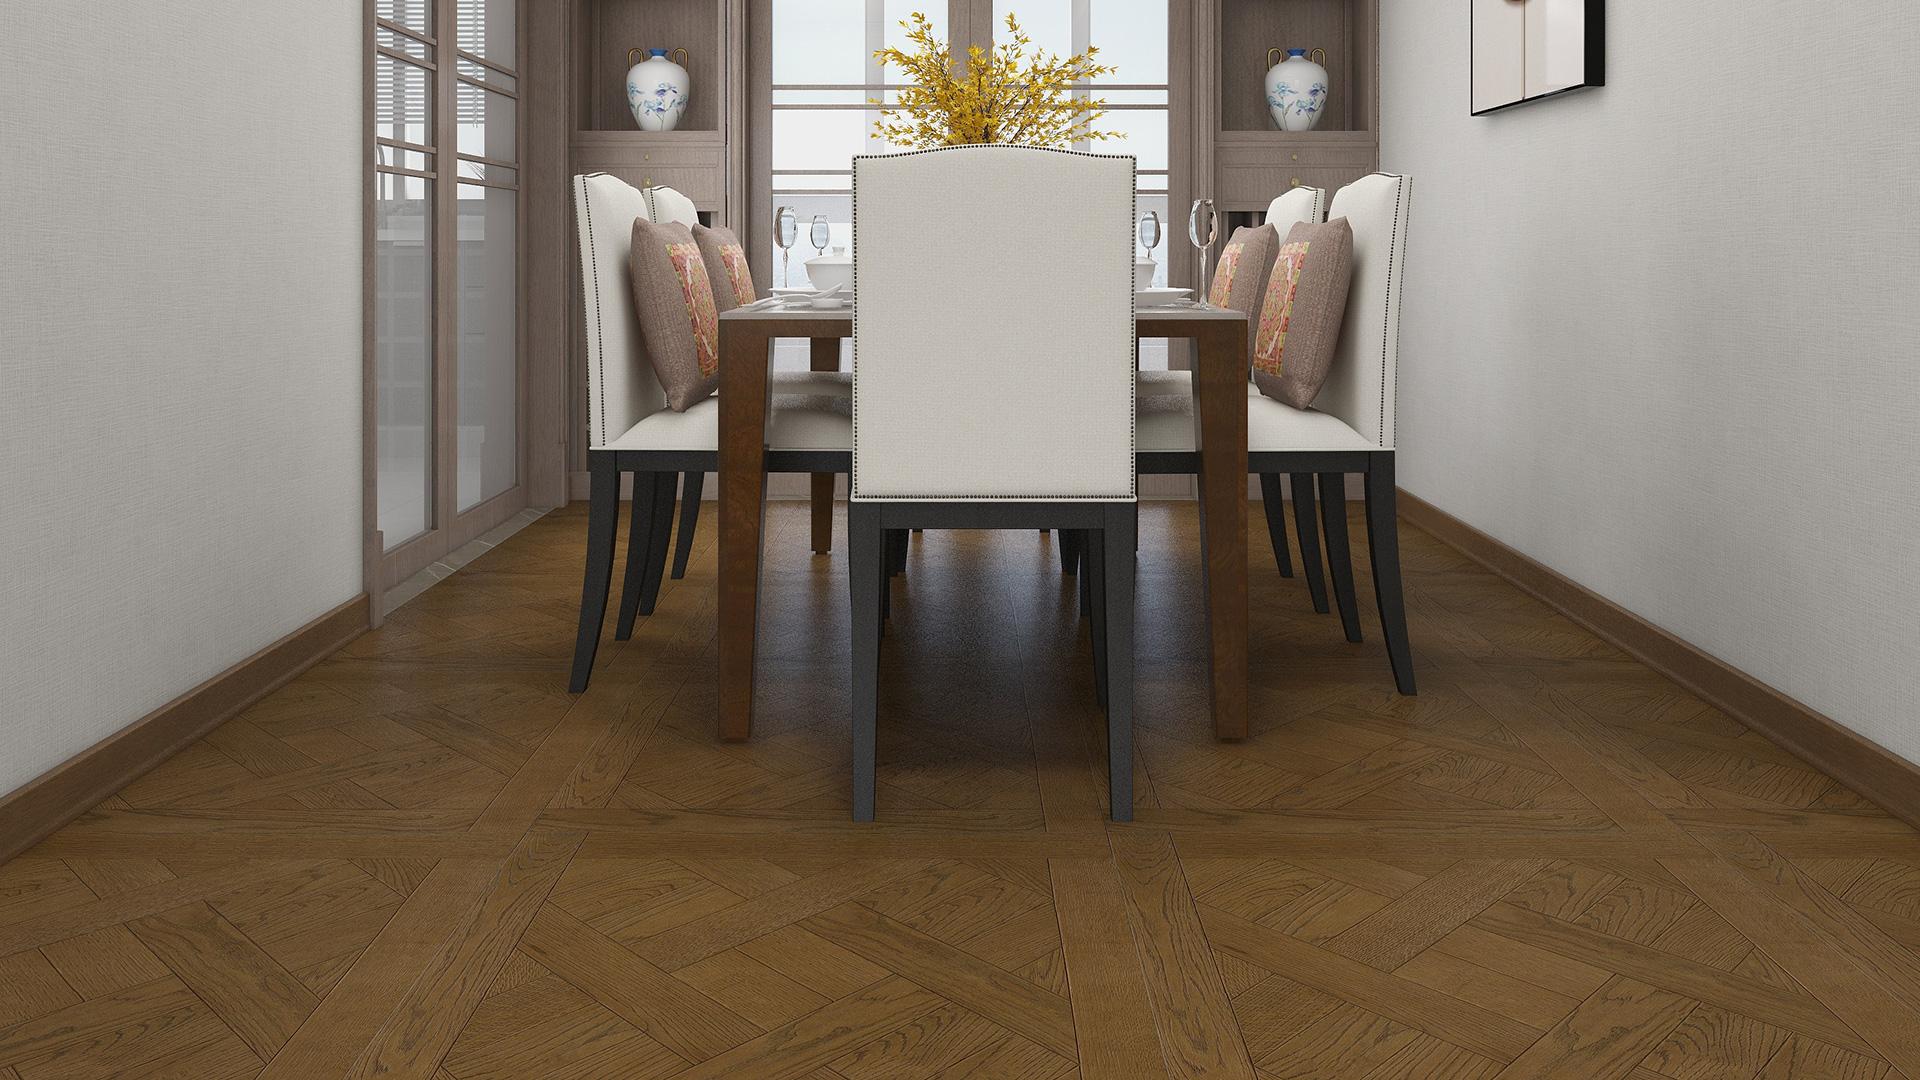 意大利GARBELOTTO实木复合地板,古典橡木方形拼花